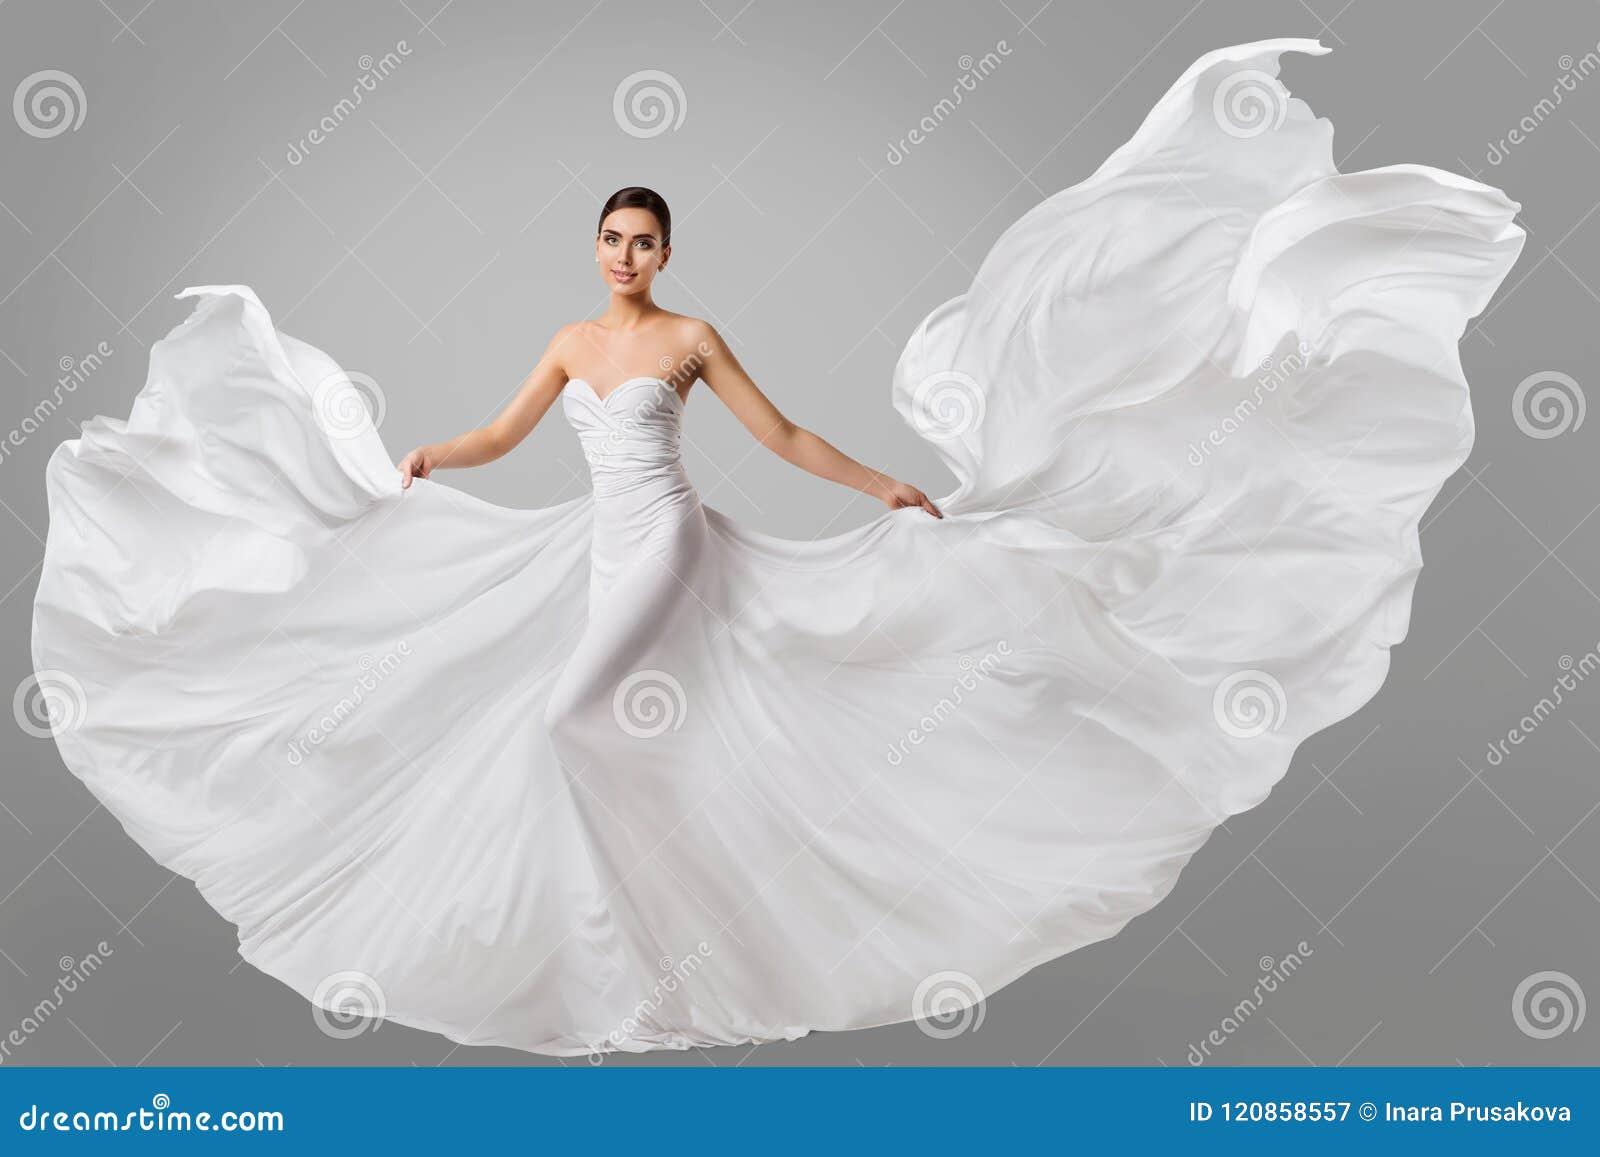 Vestido blanco de la mujer, casandose el modelo de moda en vestido de seda largo de la novia